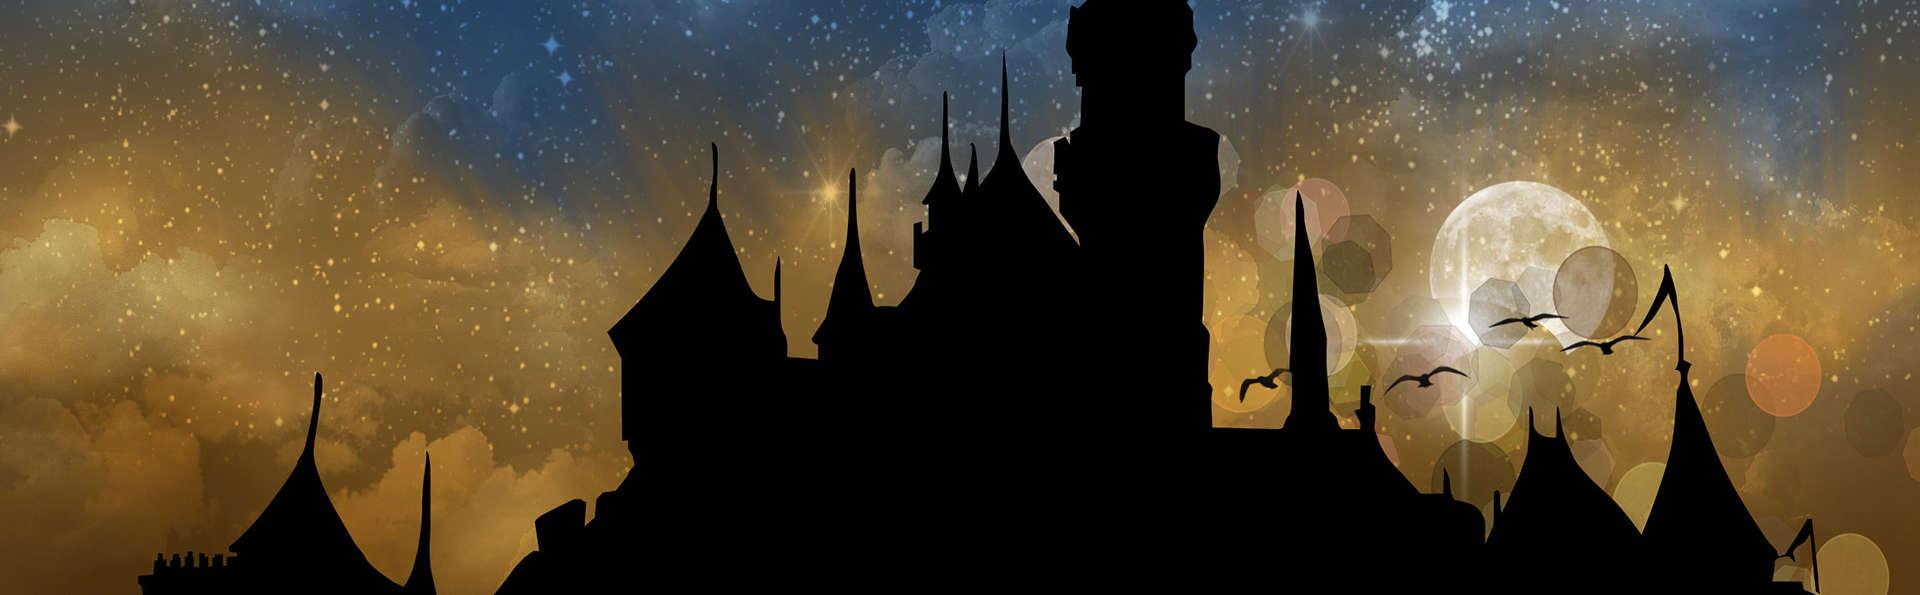 Offre spéciale : Week-end en famille avec entrées aux deux parcs Disneyland® Paris(1 Jour / 2 Parcs)